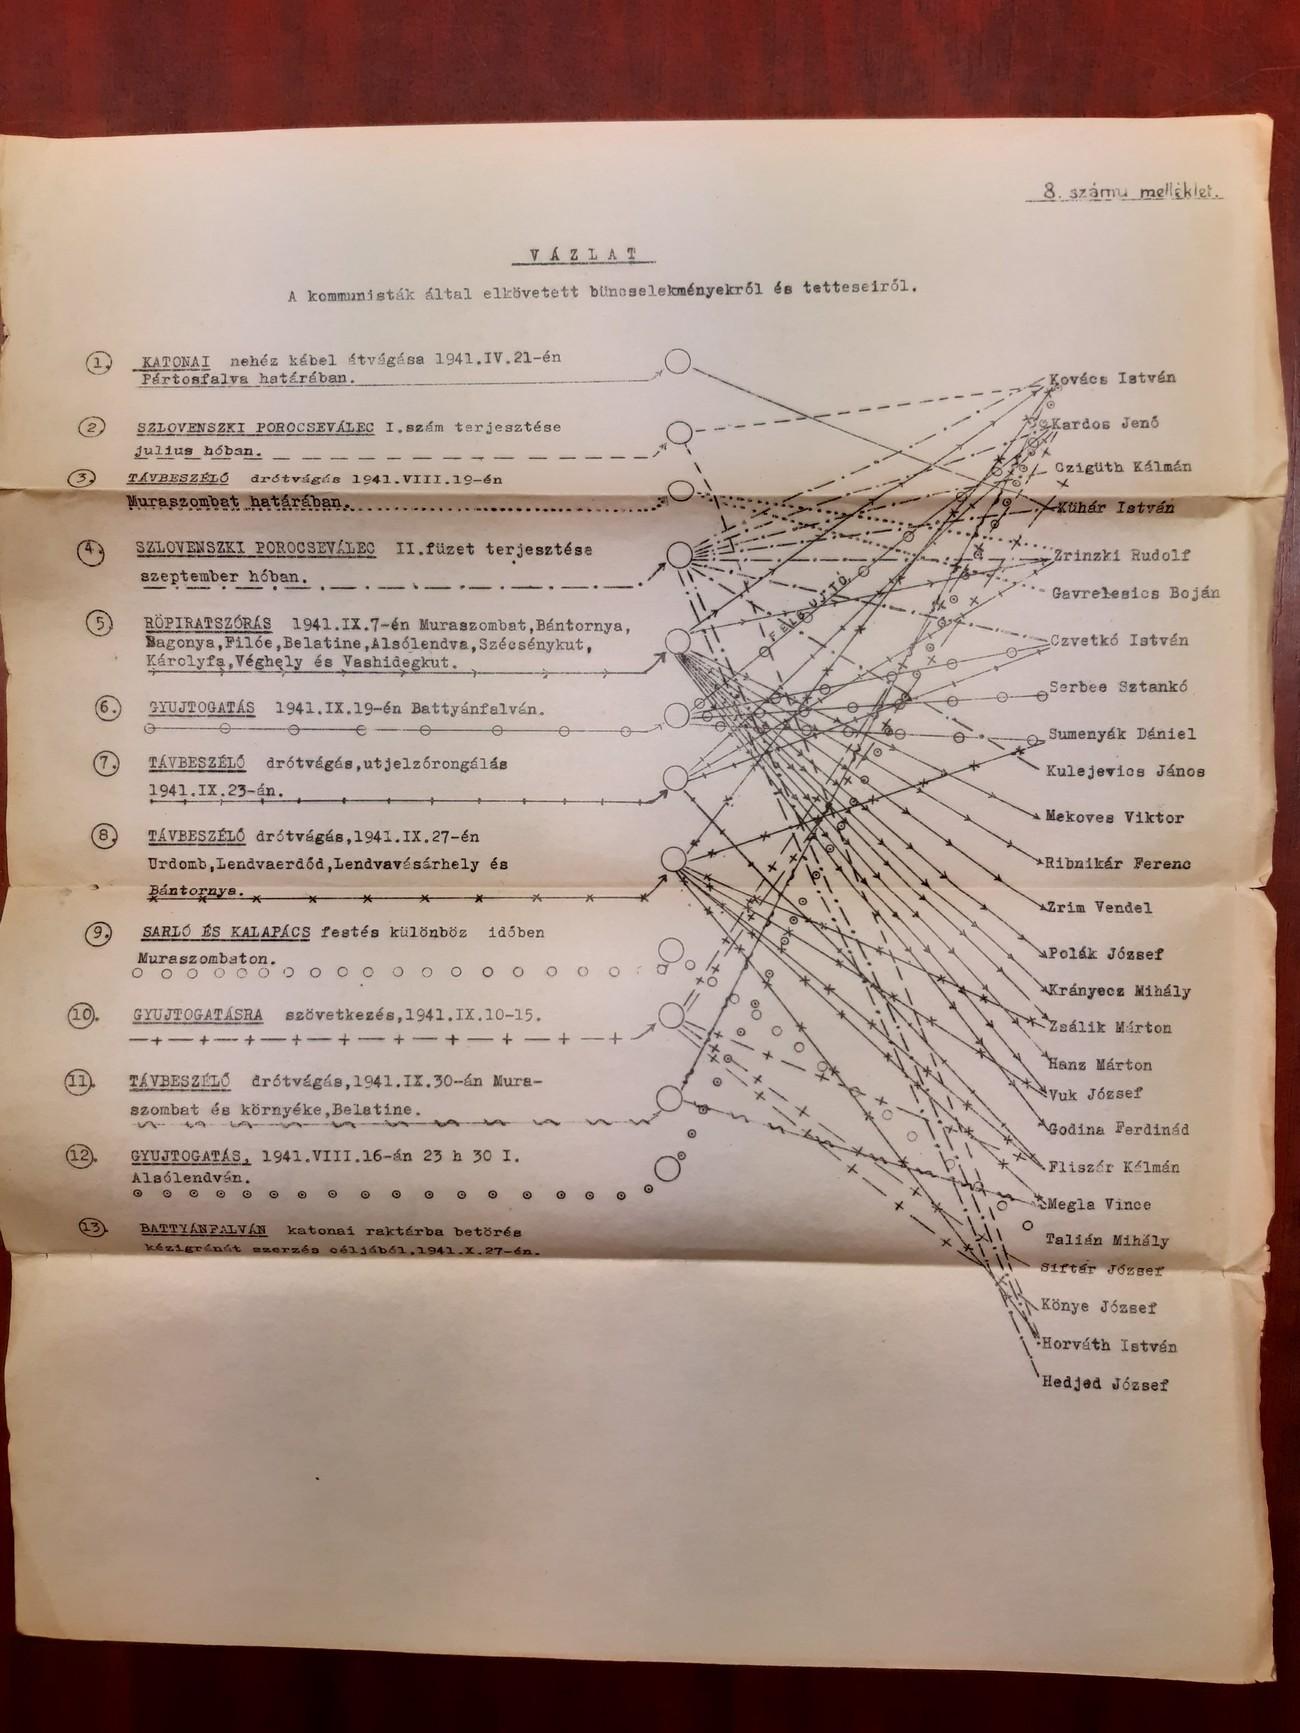 Skica, ki so jo pripravili madžarski žandarji (csendőrség), prikazuje 13 sabotažnih in propagandnih akcij odporniškega gibanja ter njihove izvajalce od aprila do oktobra 1941. MNL ZML, IV. 401. b. 50/1941.